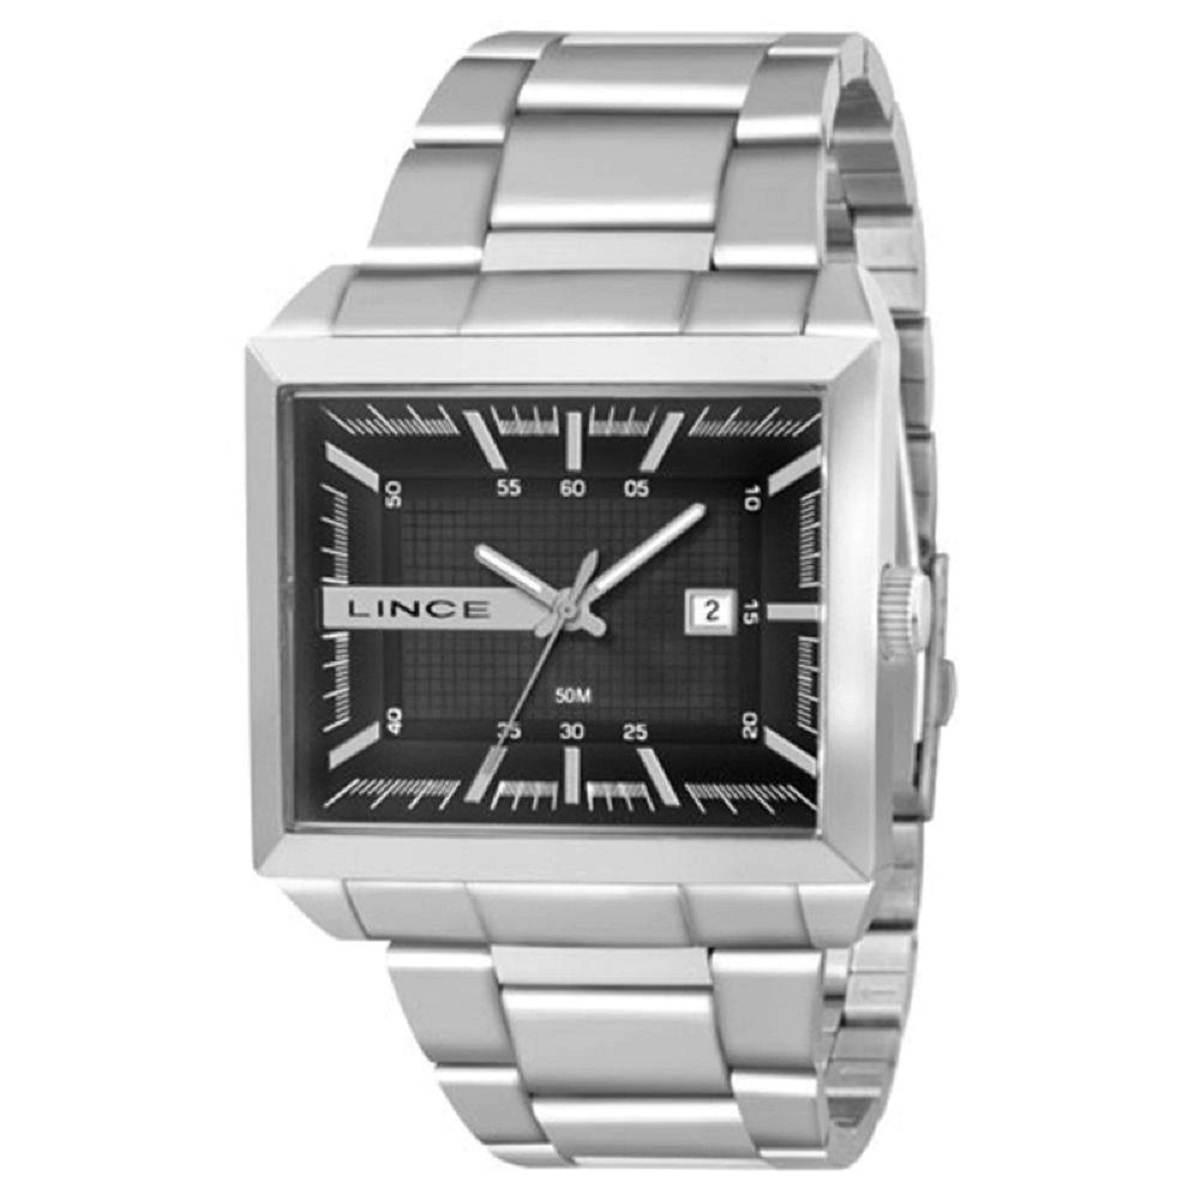 Relógio Lince Masculino Quadrado Prateado MQM4267L P1SX